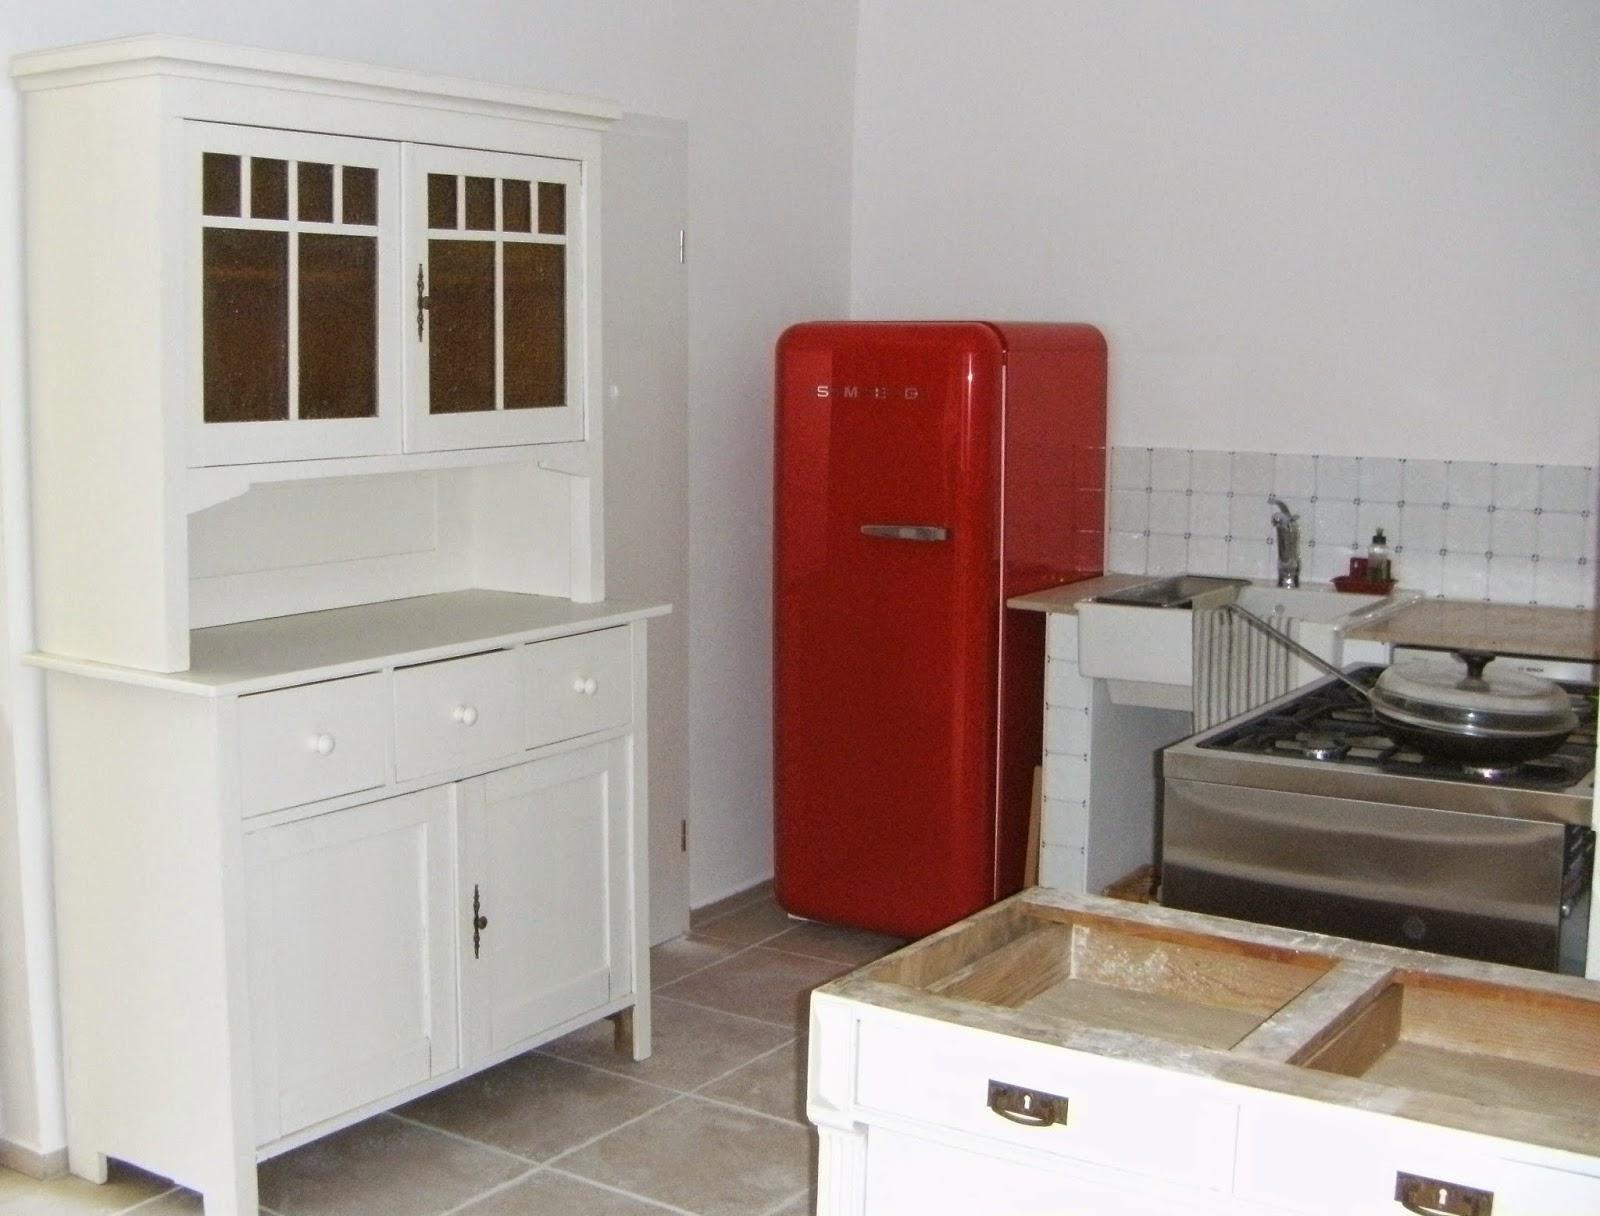 Gebrauchte Küche Ebay Koblenz  